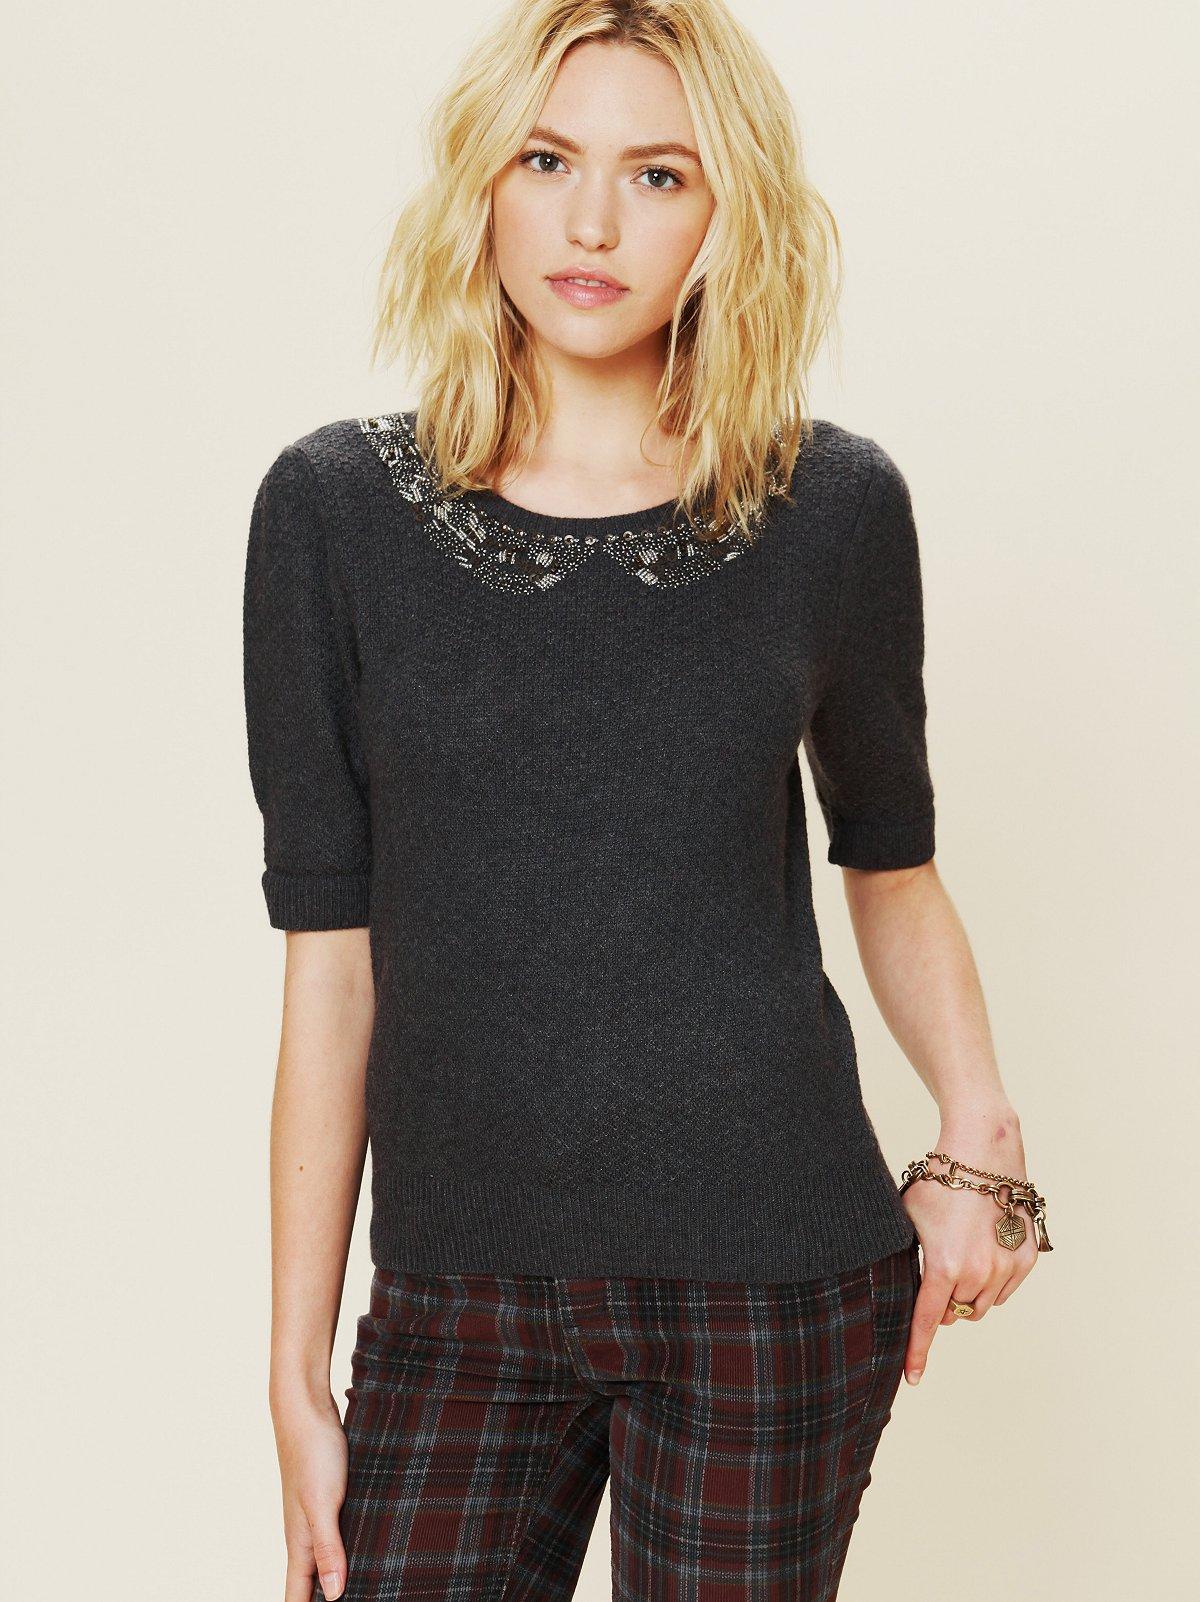 Pixie's Collar Sweater